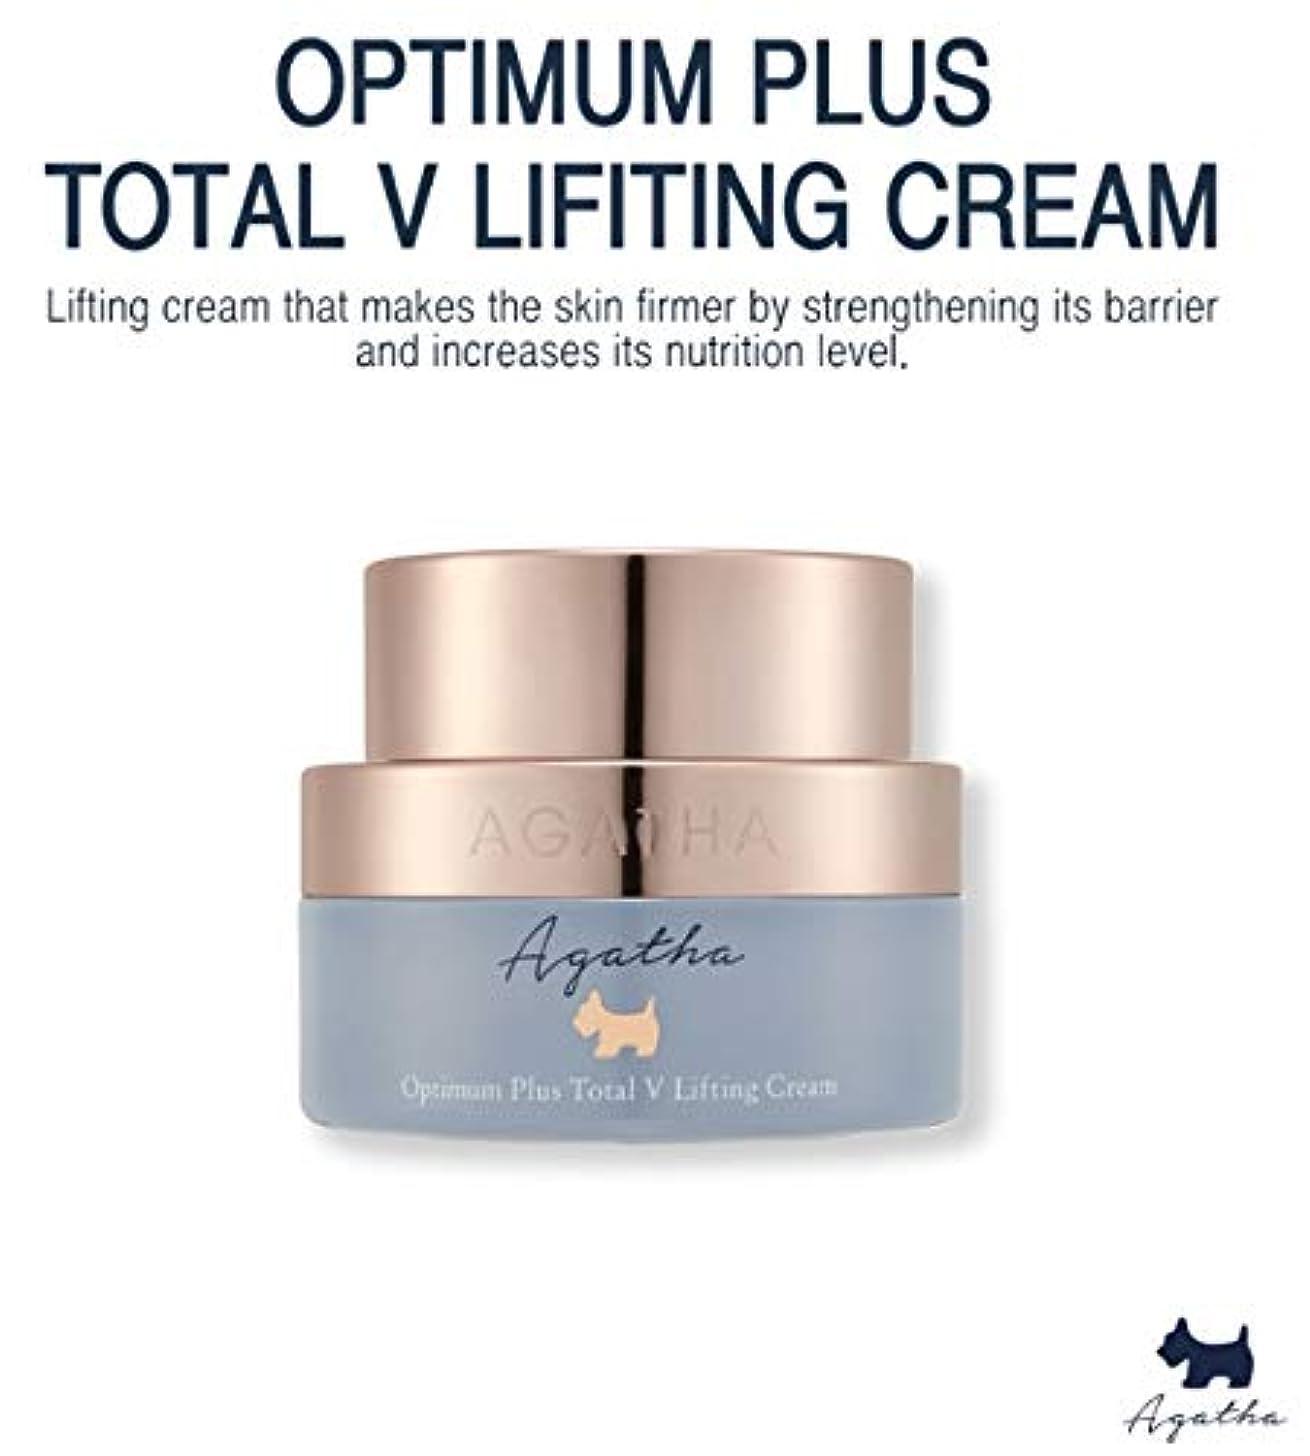 法廷女の子促すアガタ オプチマムプラス トータルVリフティングクリーム Optimum Plus Total V Lifting Cream 50ml [並行輸入品]